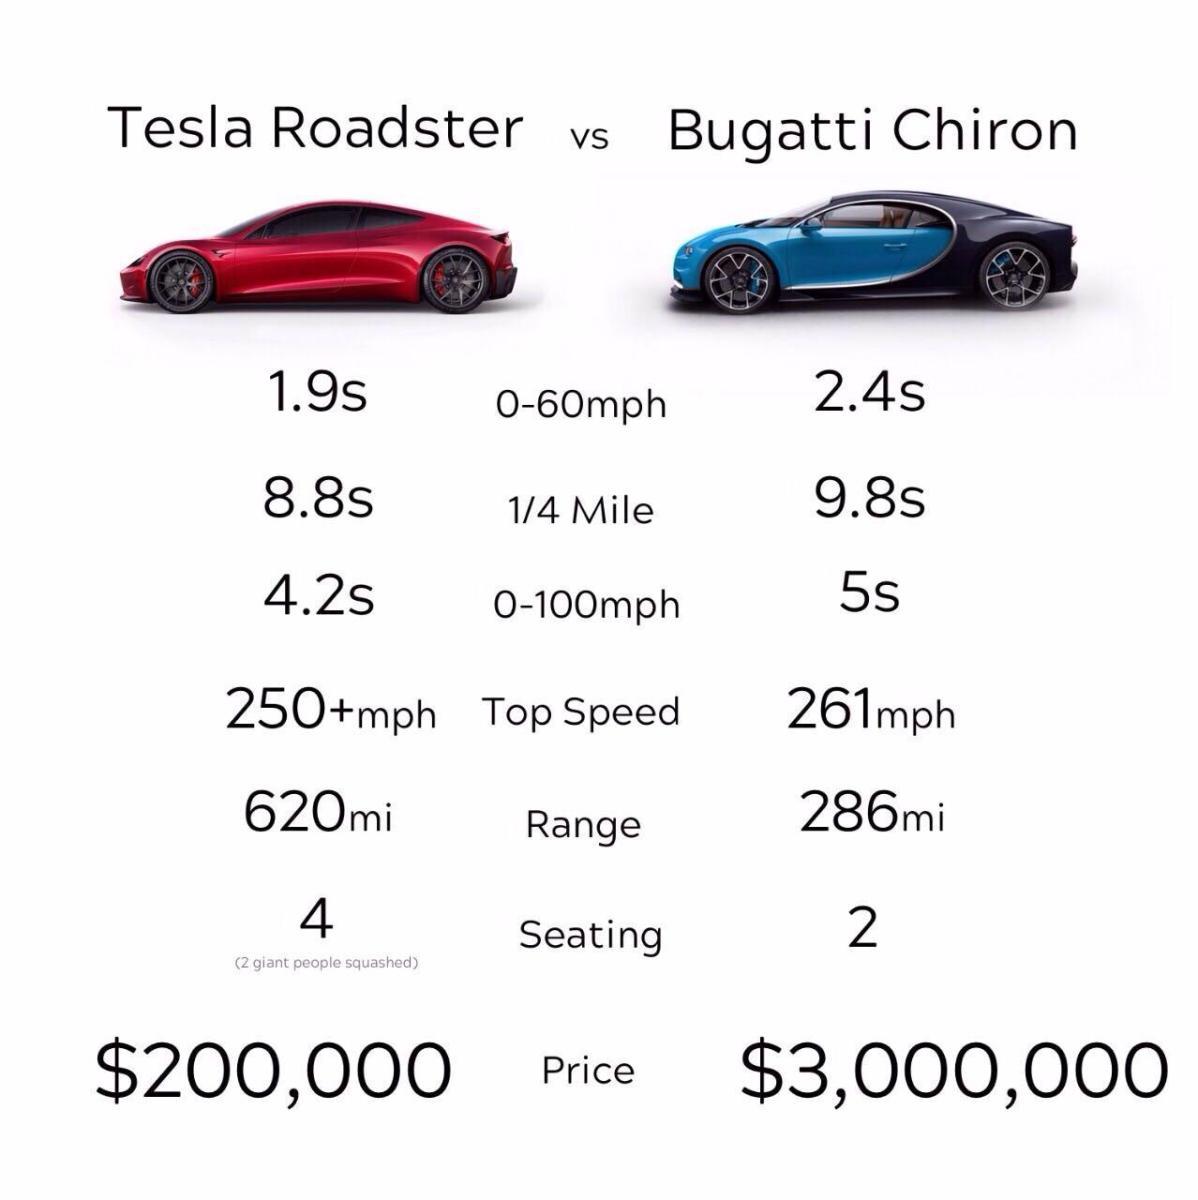 Roadster Vs Bugatti Chiron